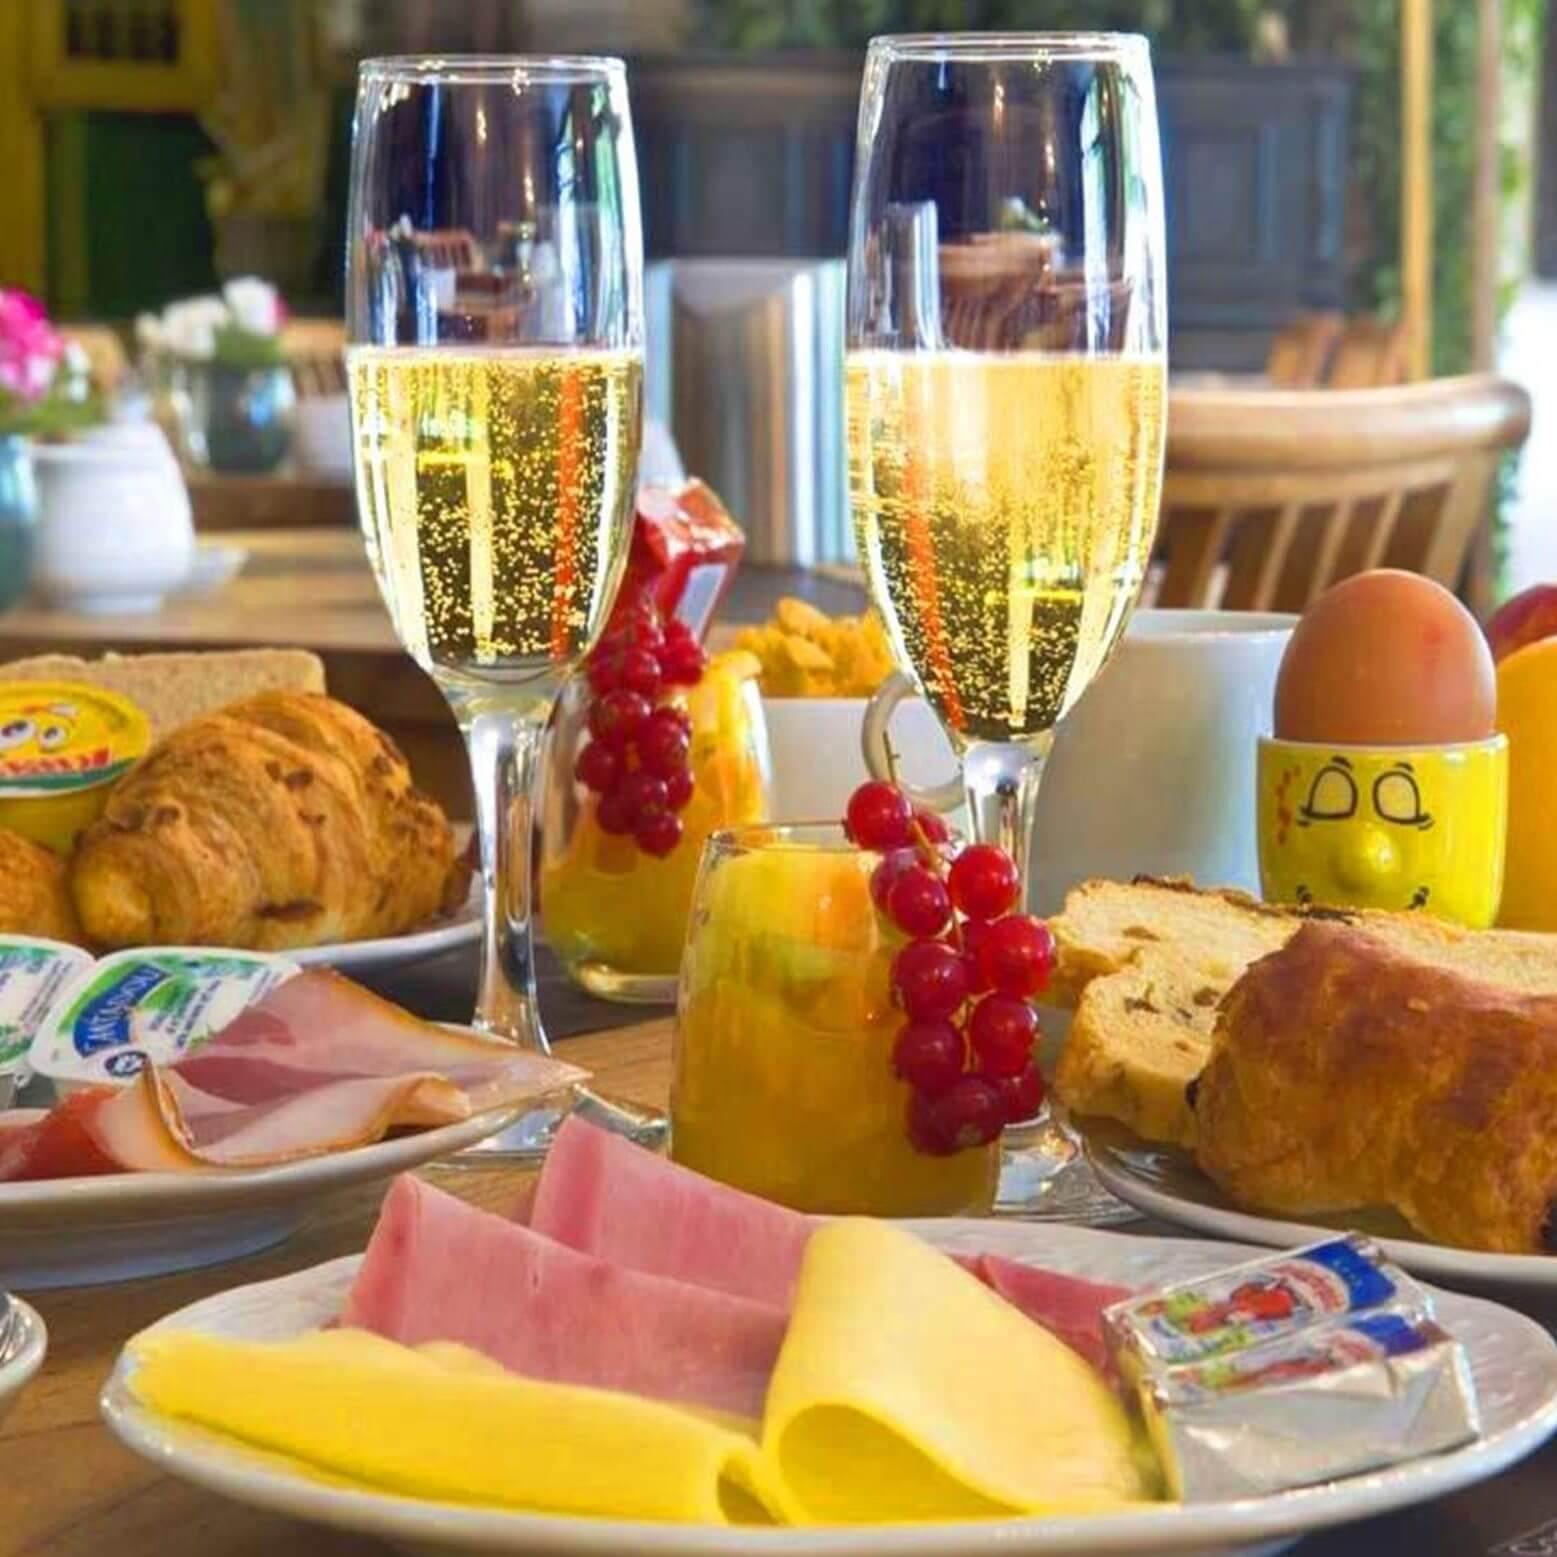 All Inclusive kerstvakantie ontbijt e1567868884429 - Ontbijt Zeeland Catering